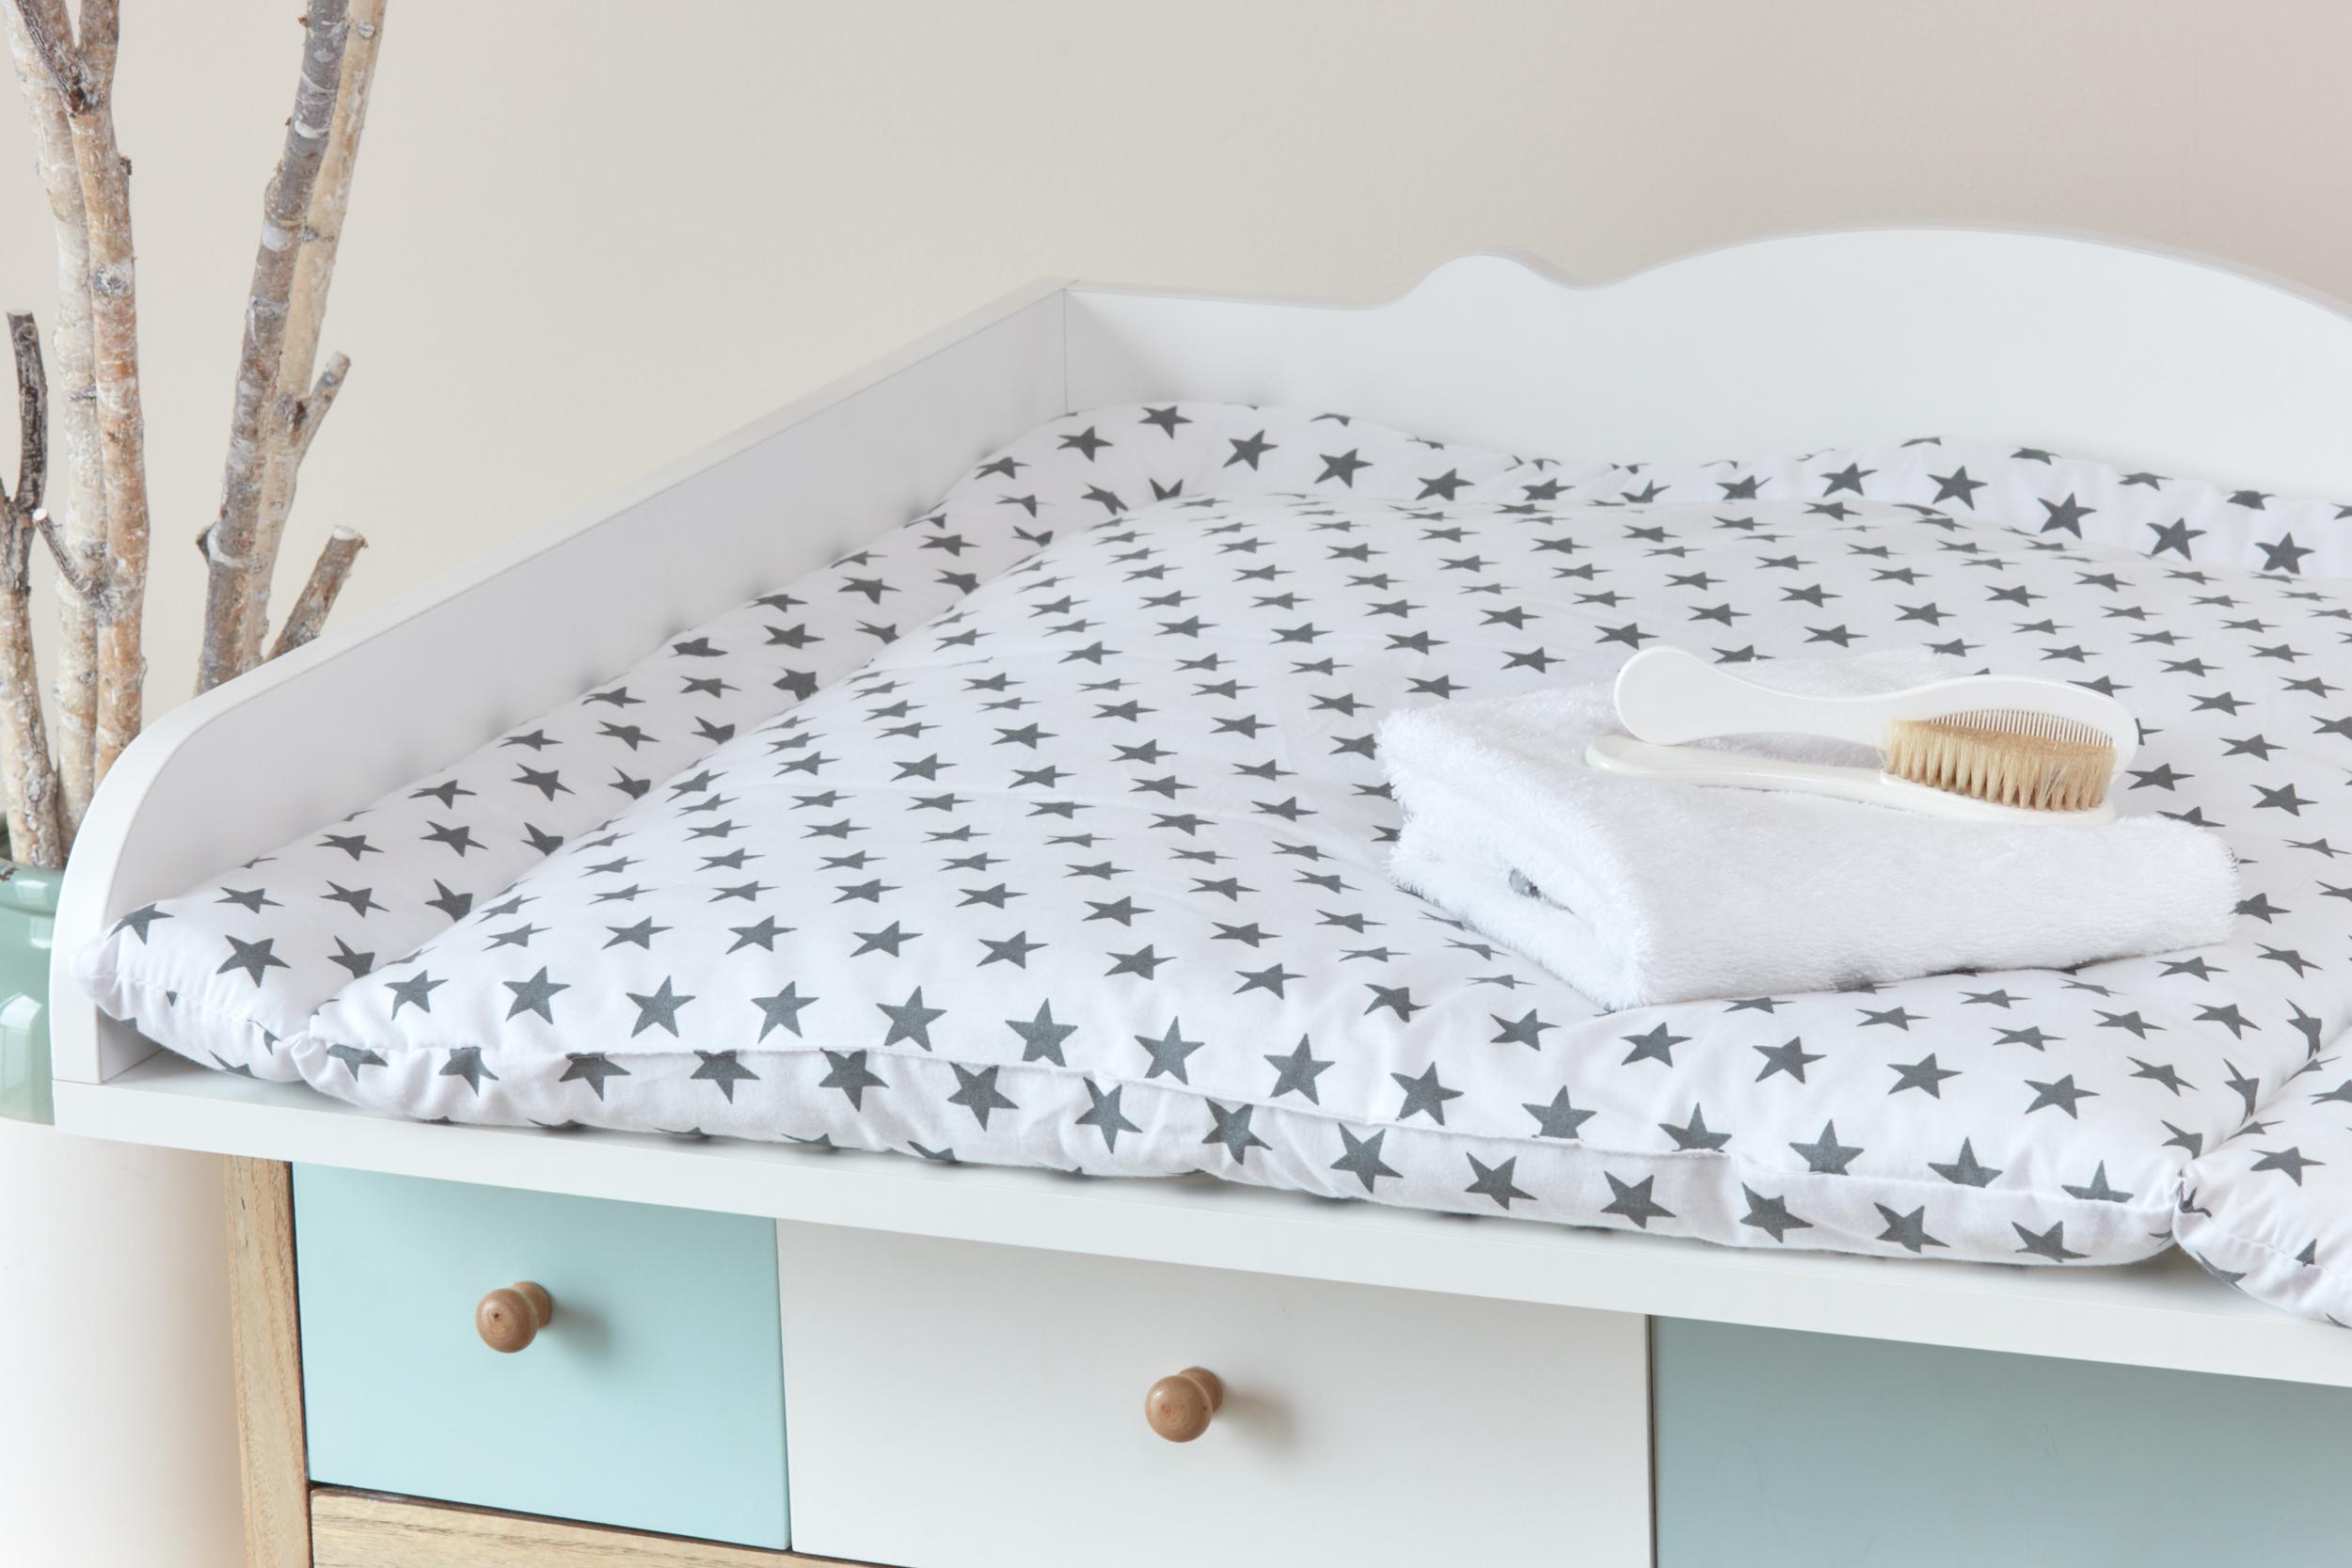 kraftkids wickelauflage kleine graue sterne auf weiss 85 cm breit x 75 cm tief. Black Bedroom Furniture Sets. Home Design Ideas